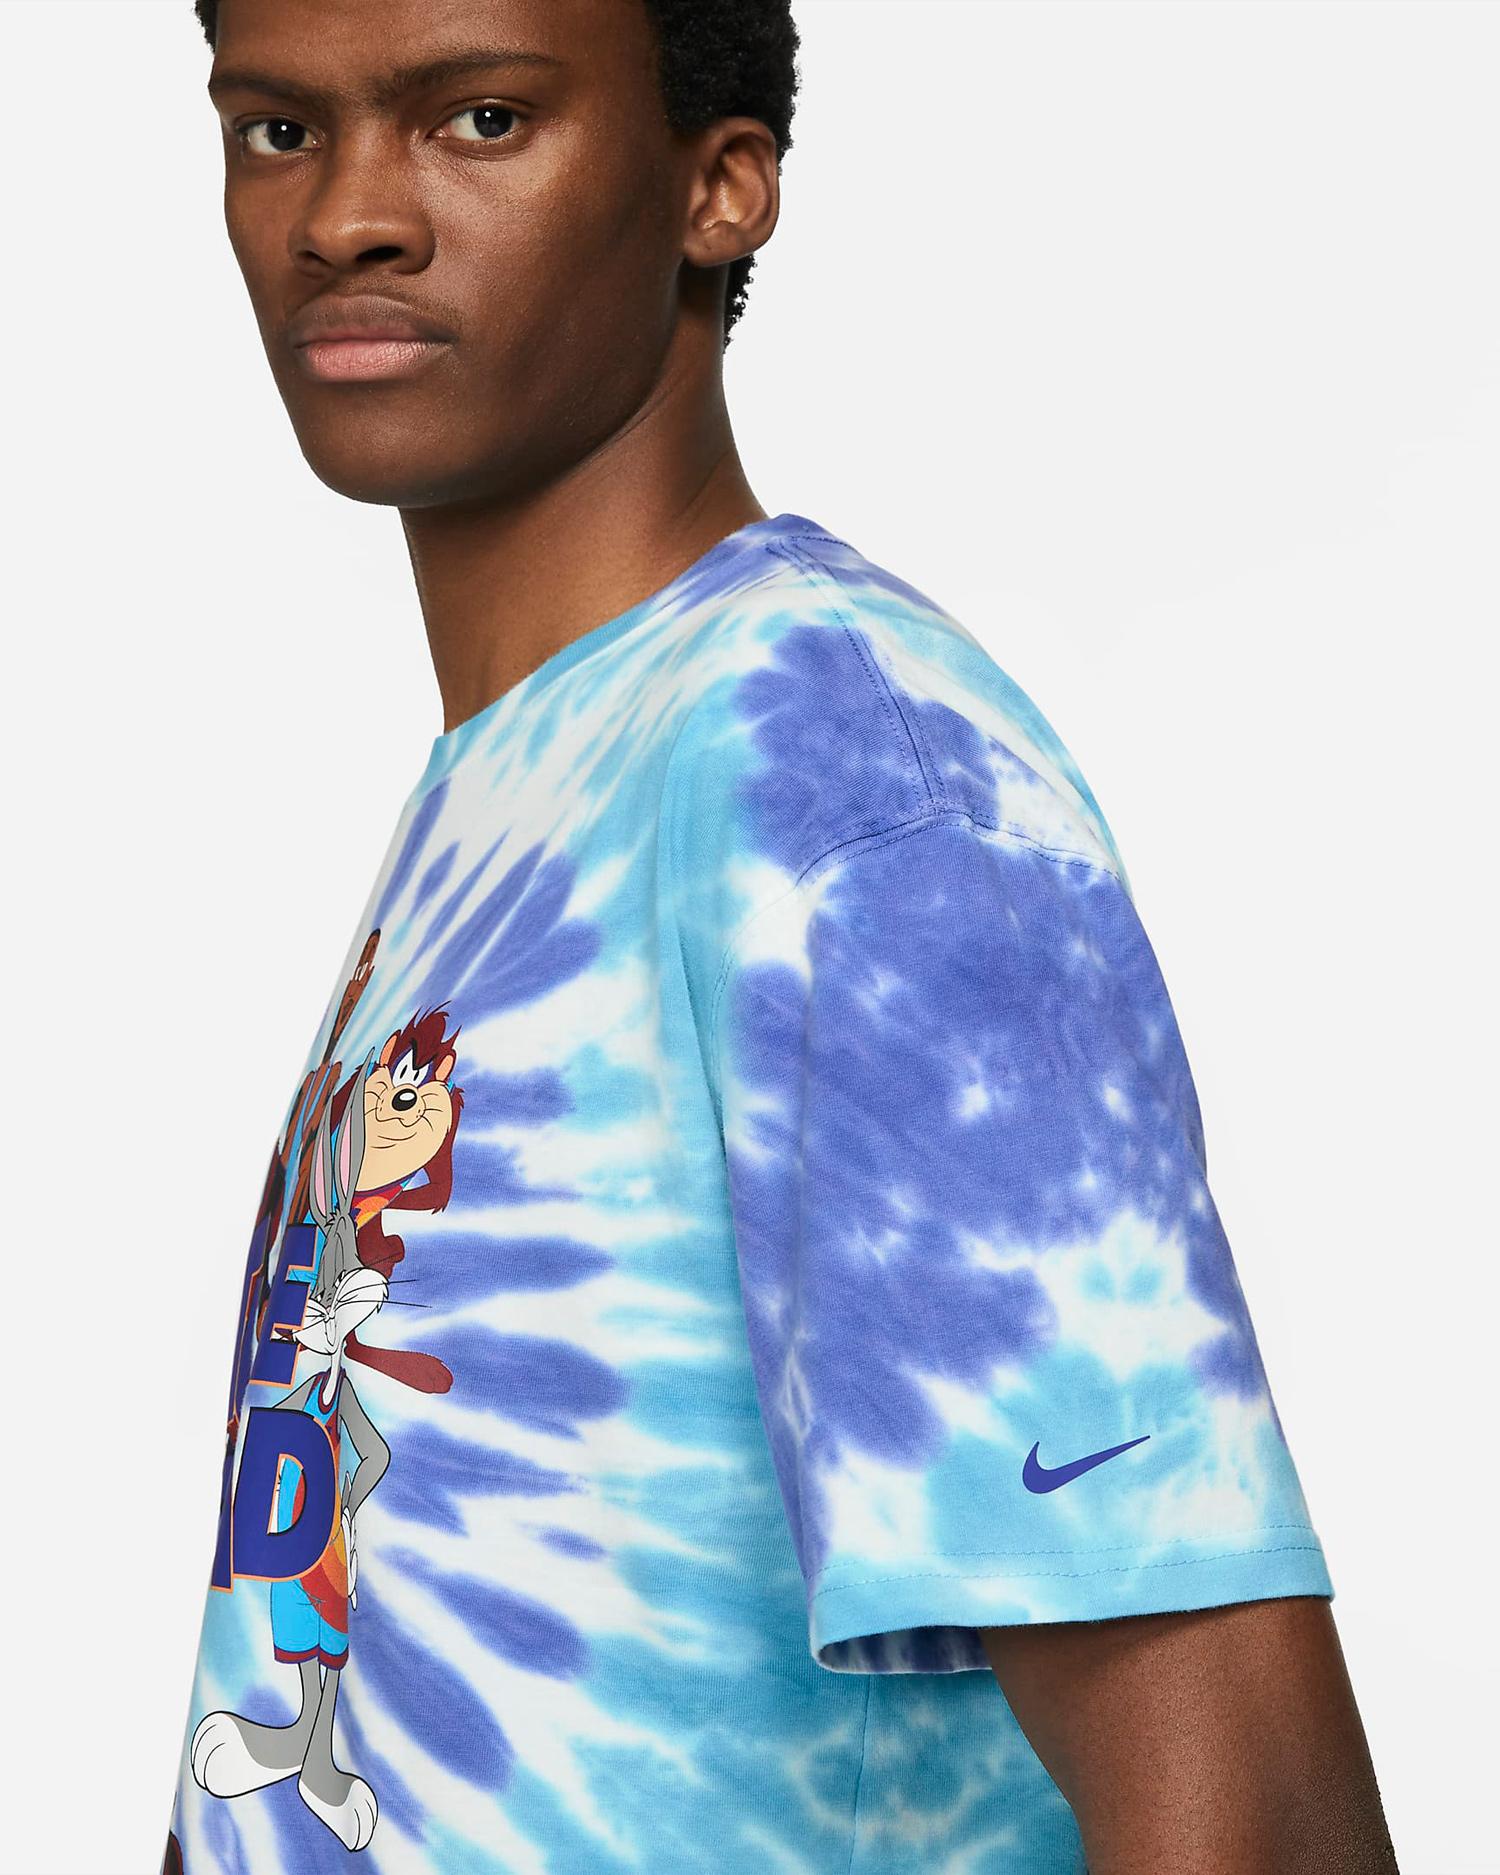 nike-lebron-space-jam-a-new-legacy-tie-dye-shirt-4